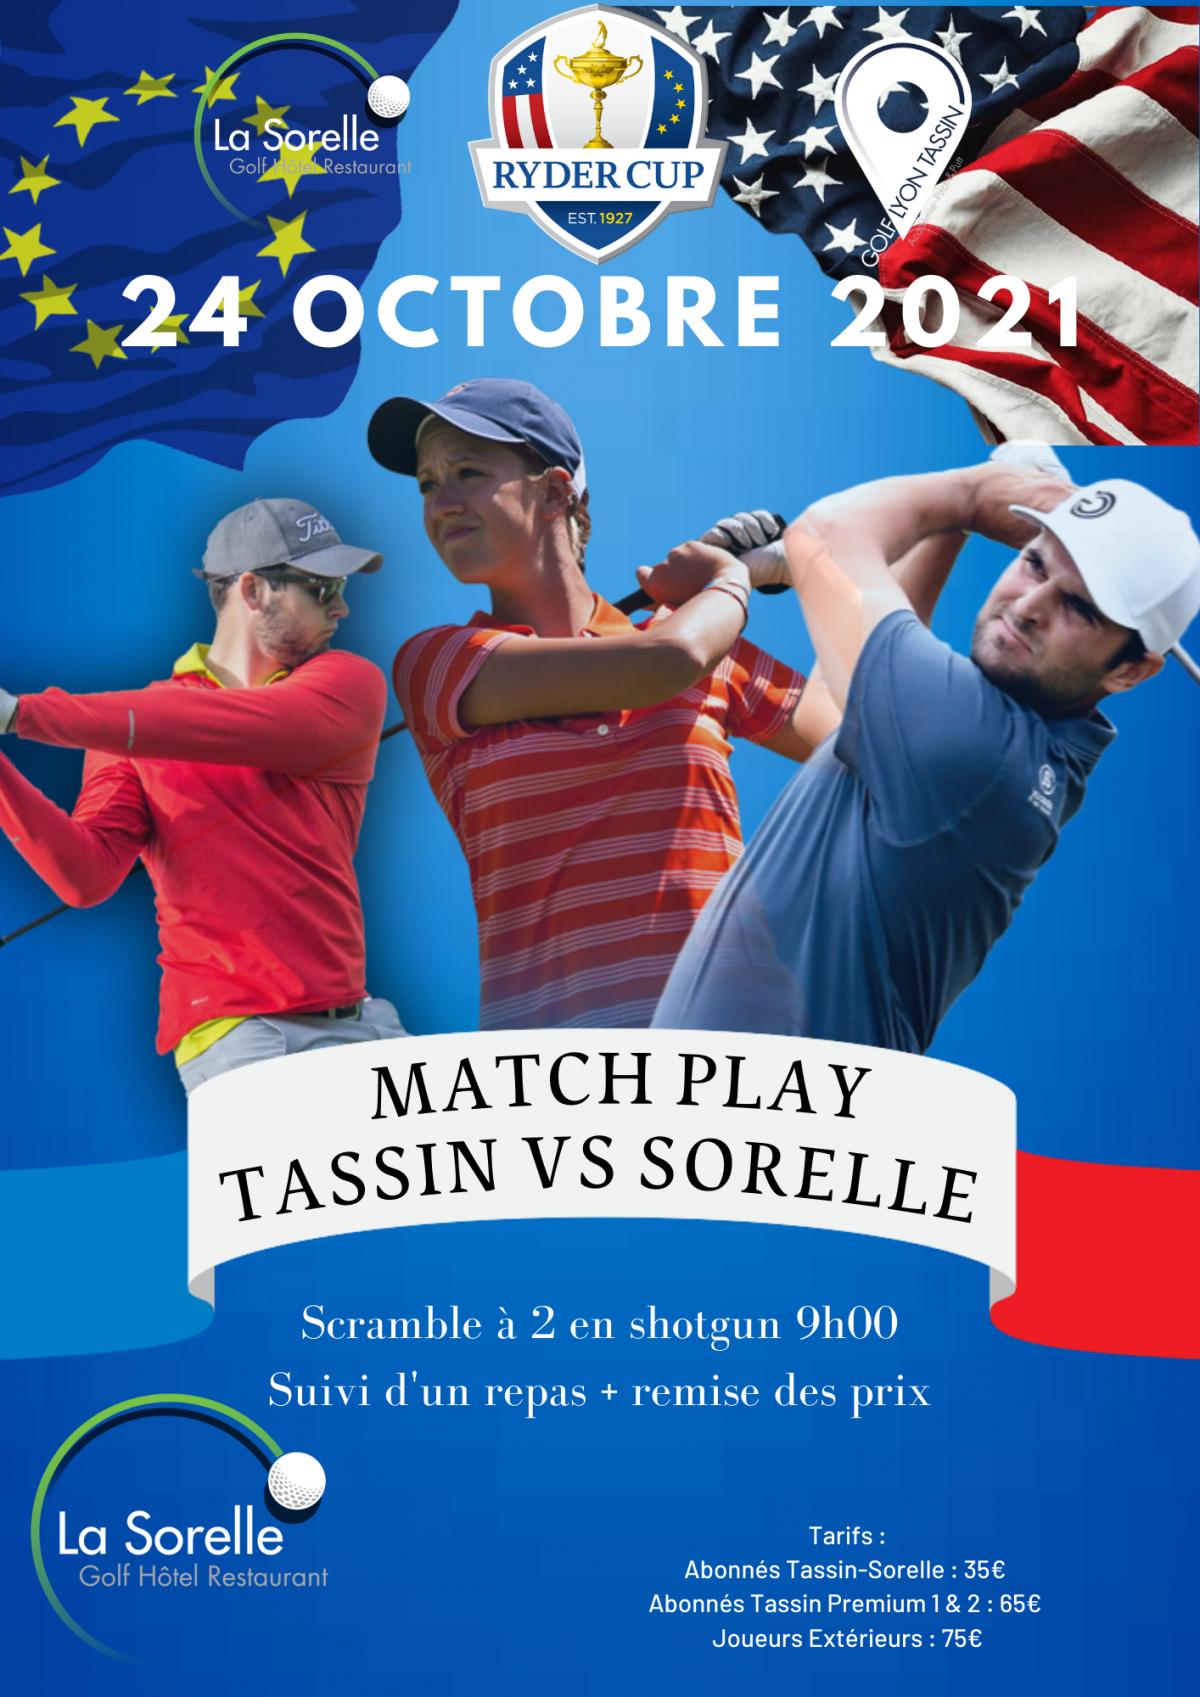 Les équipes de La Sorelle affrontent celles de Tassin le 24 octobre